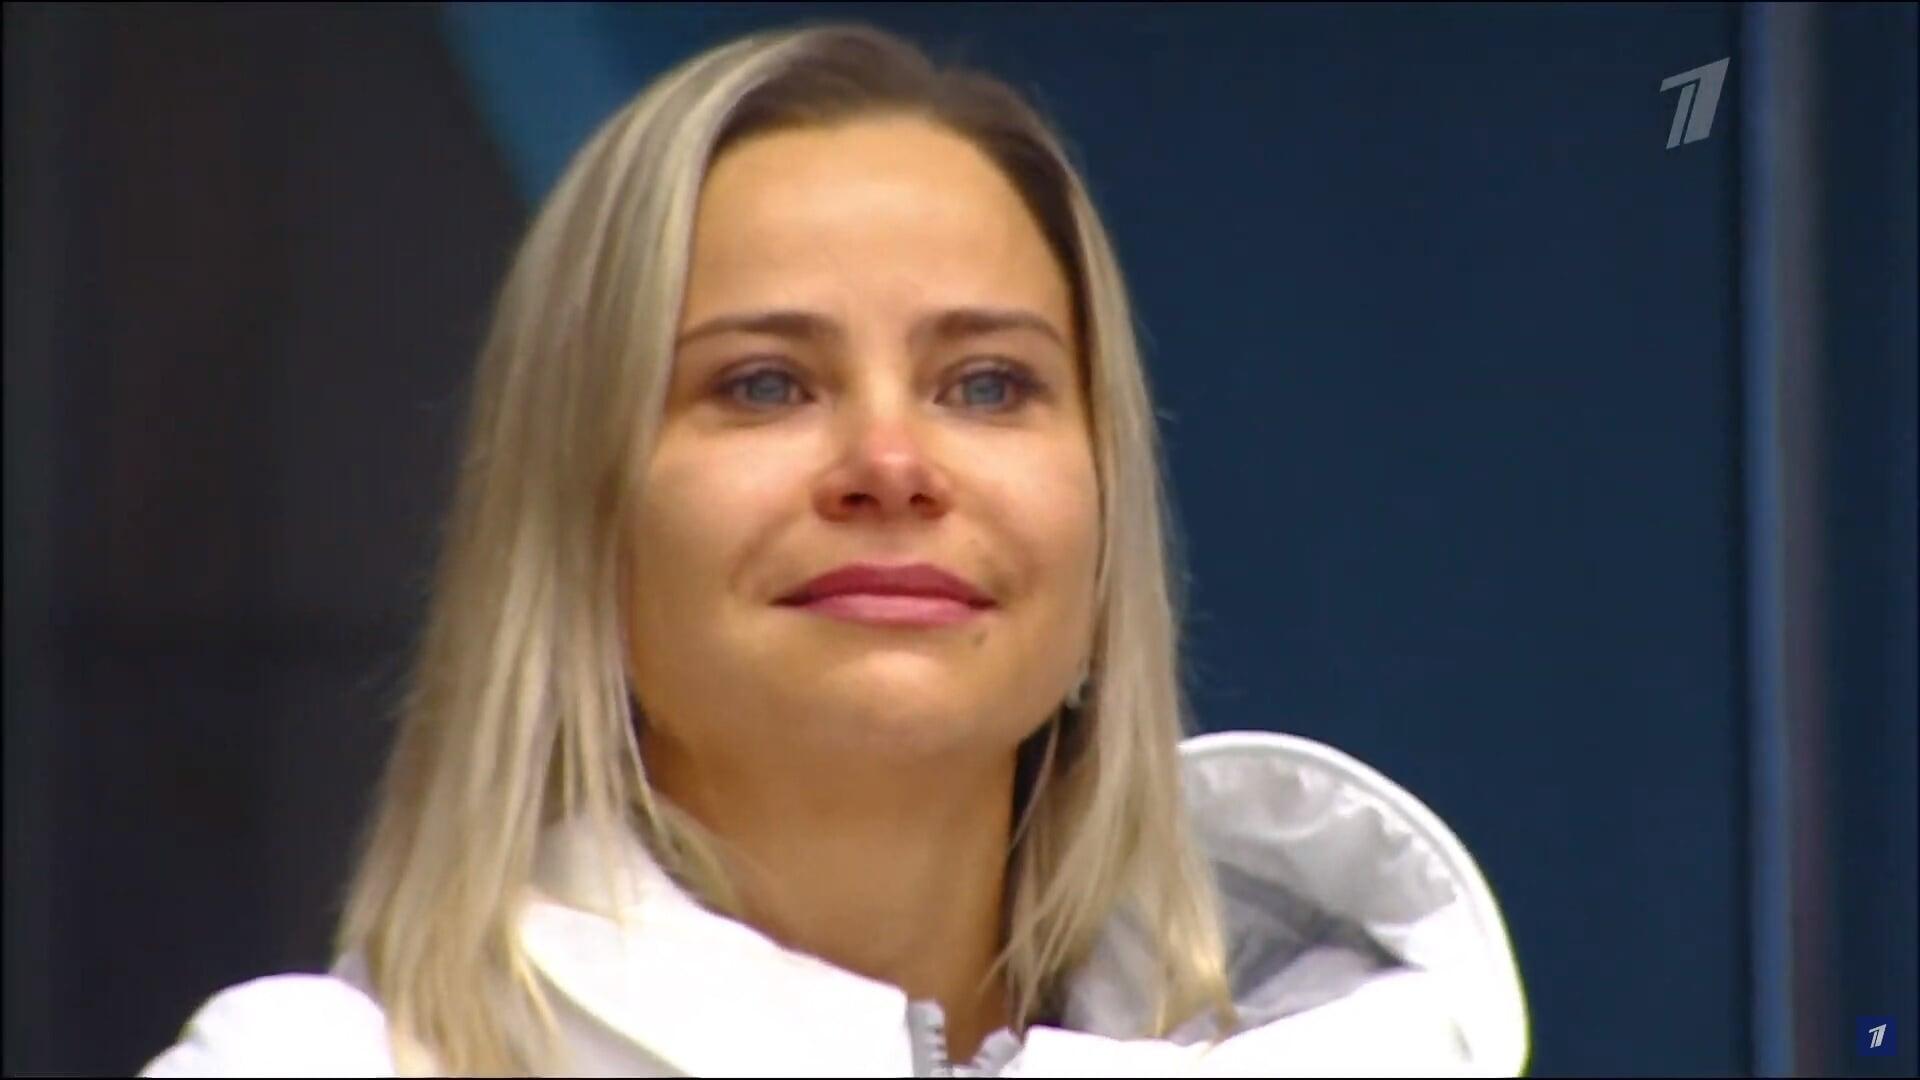 Эмоции Таракановой, которая перезапускает карьеру после ухода от Тутберидзе и Плющенко: разрыдалась от сильного проката прямо на льду